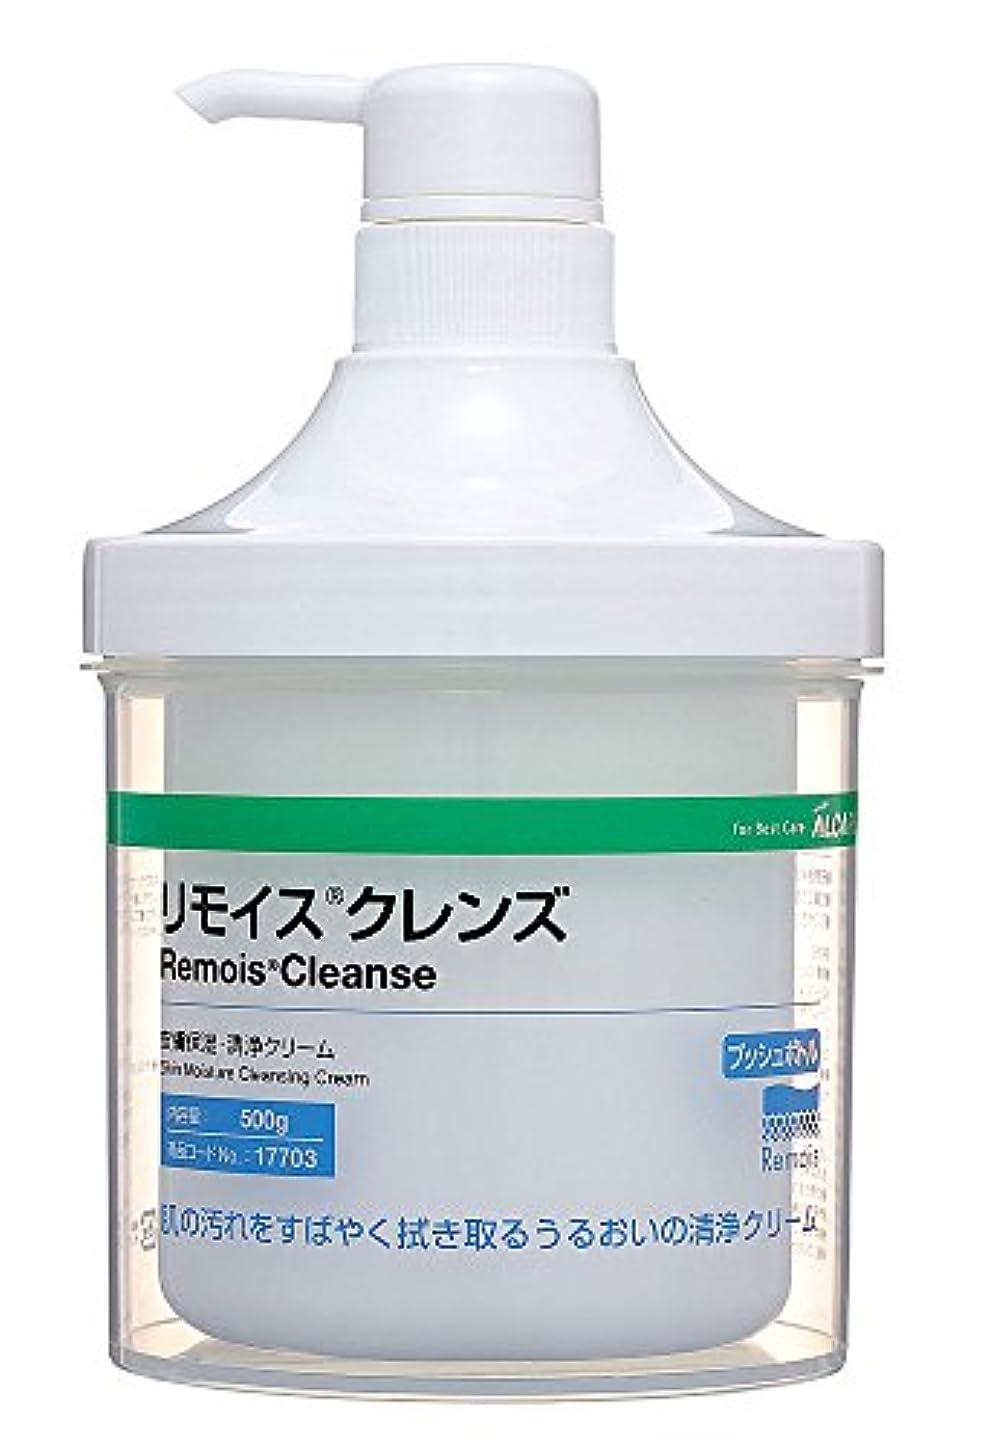 はさみドラゴン給料アルケア リモイスクレンズ 皮膚保湿?清浄クリーム 17703 プッシュボトル 500g